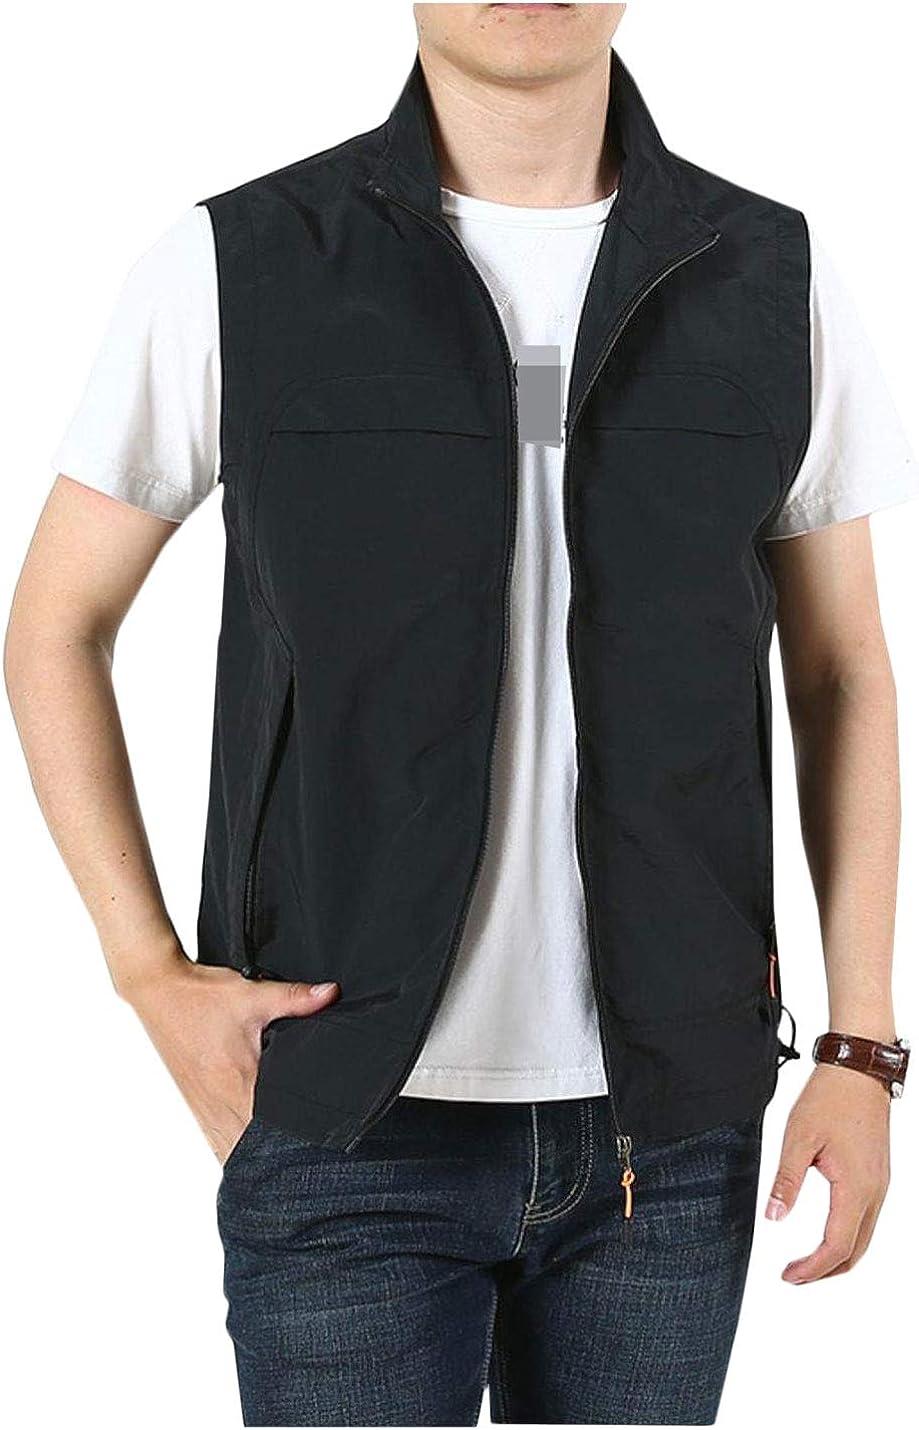 Hongsui Men's Lightweight Outdoor Sports Vest Plus Size Casual Vest